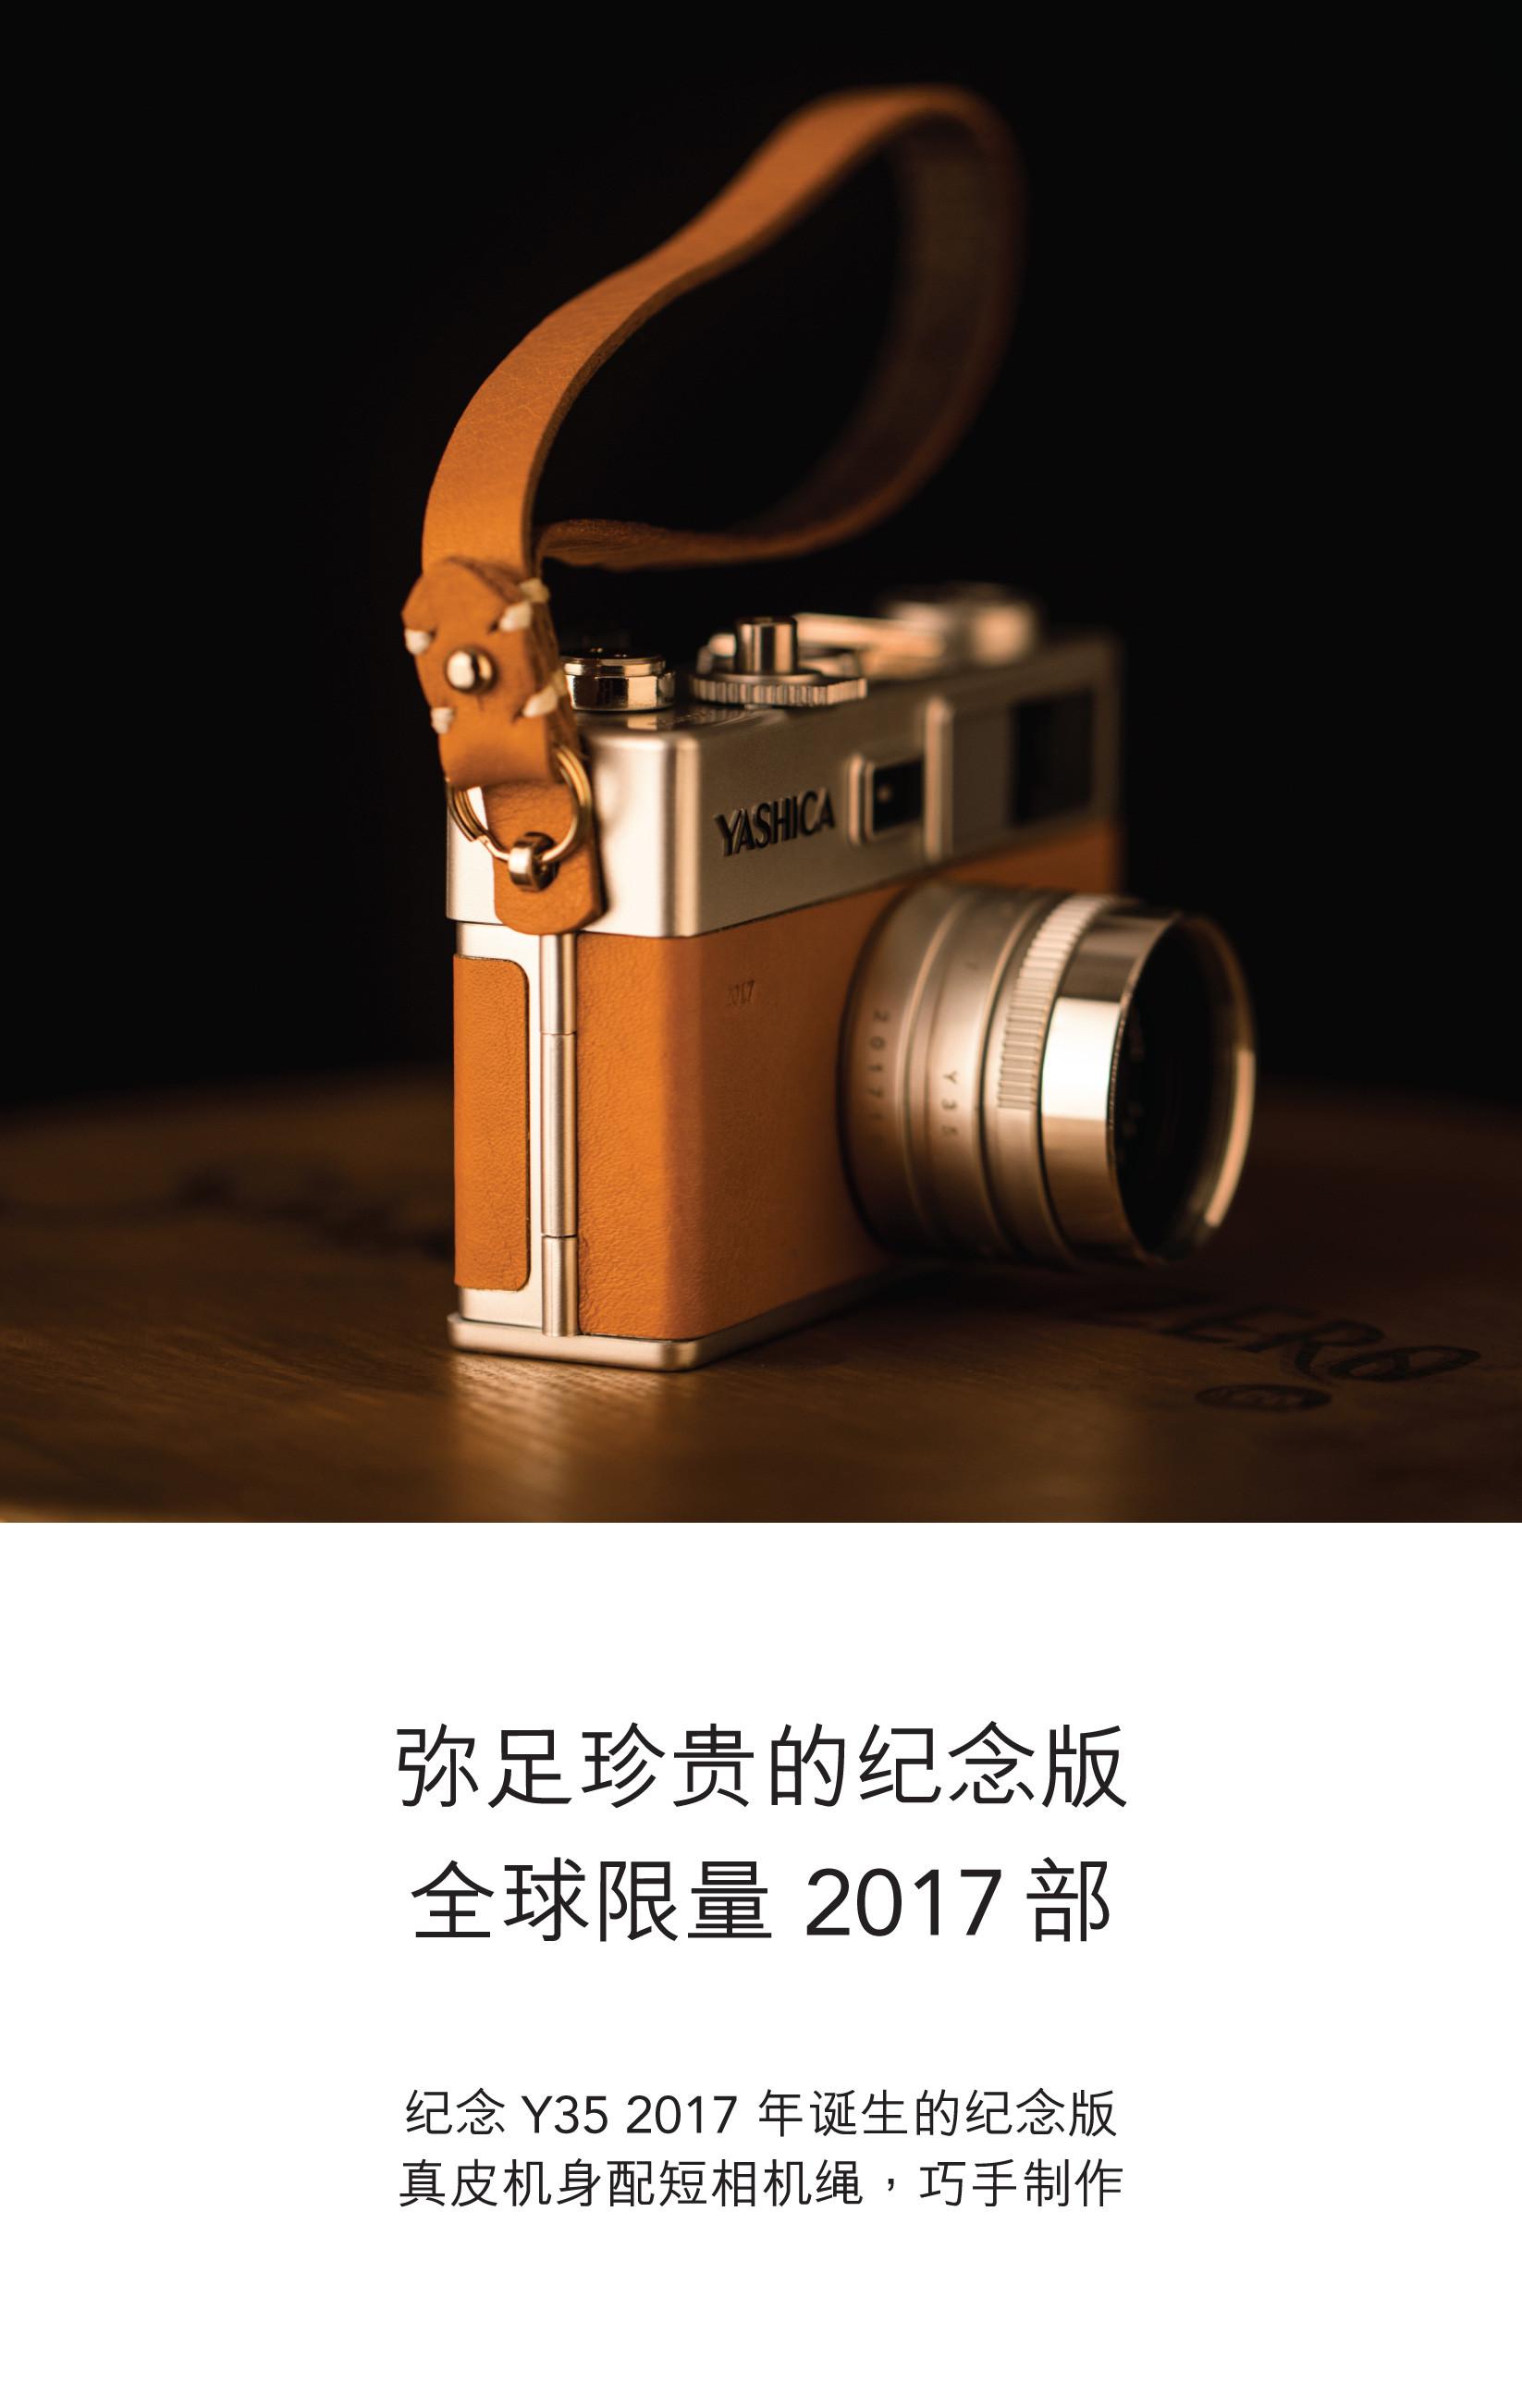 Y35-CN_part-1-23.jpg